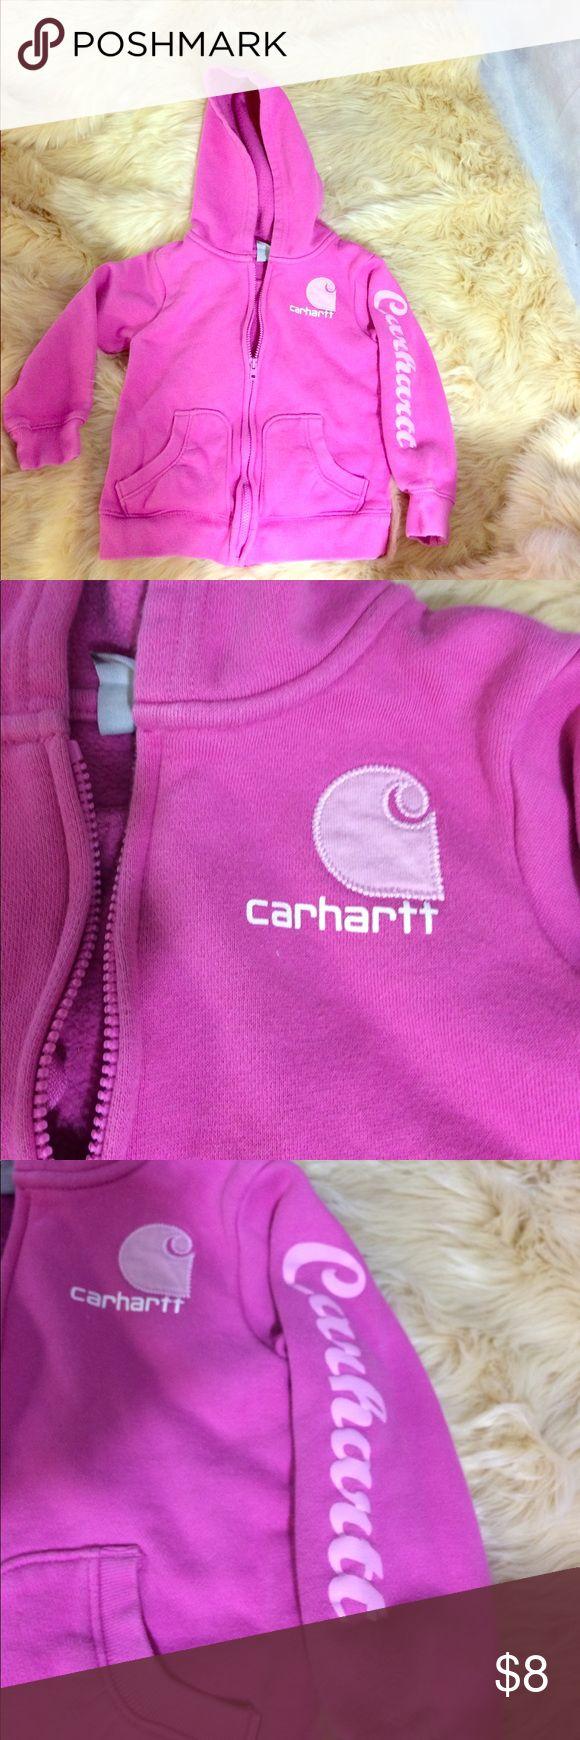 Pink Carhart sweatshirt This is a pink Carhart girls sweatshirt Carhartt Shirts & Tops Sweatshirts & Hoodies